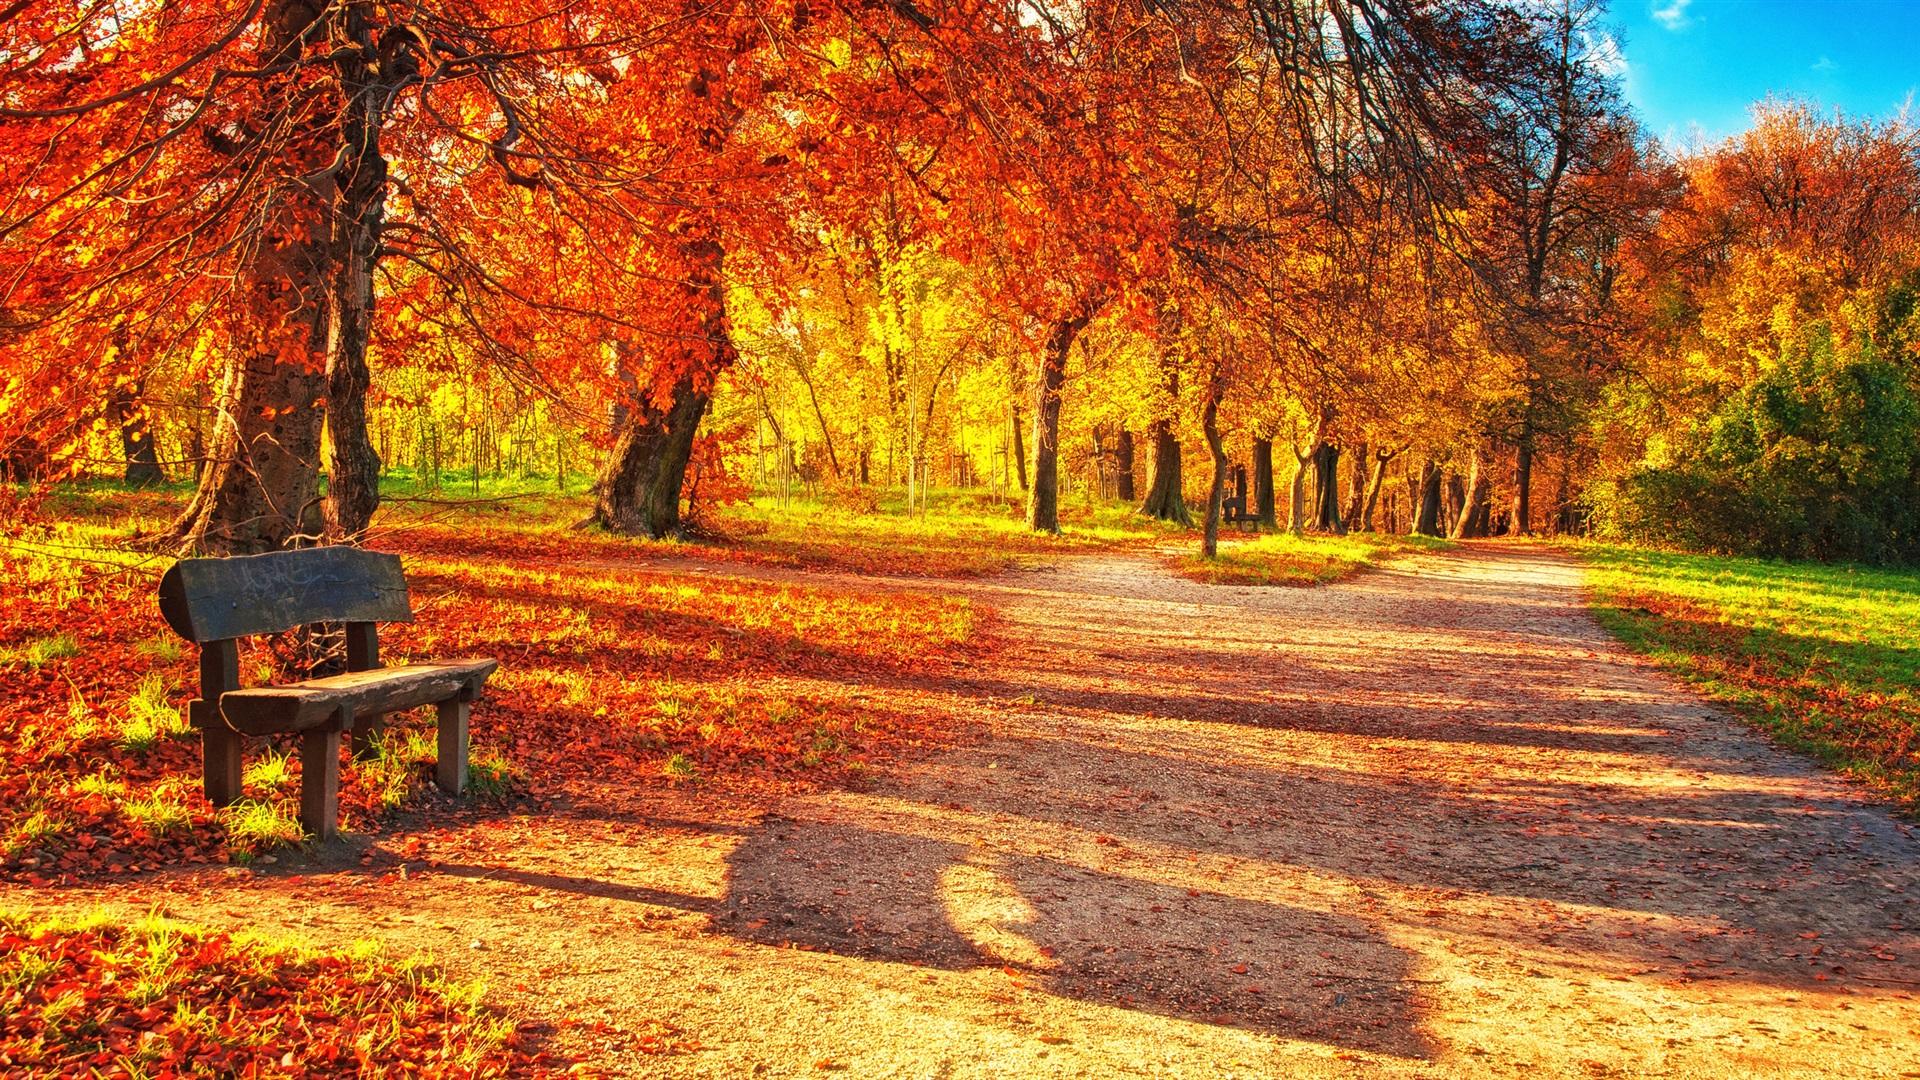 壁紙 秋の公園 紅葉 木のベンチ 日光 2560x1440 Qhd 無料の